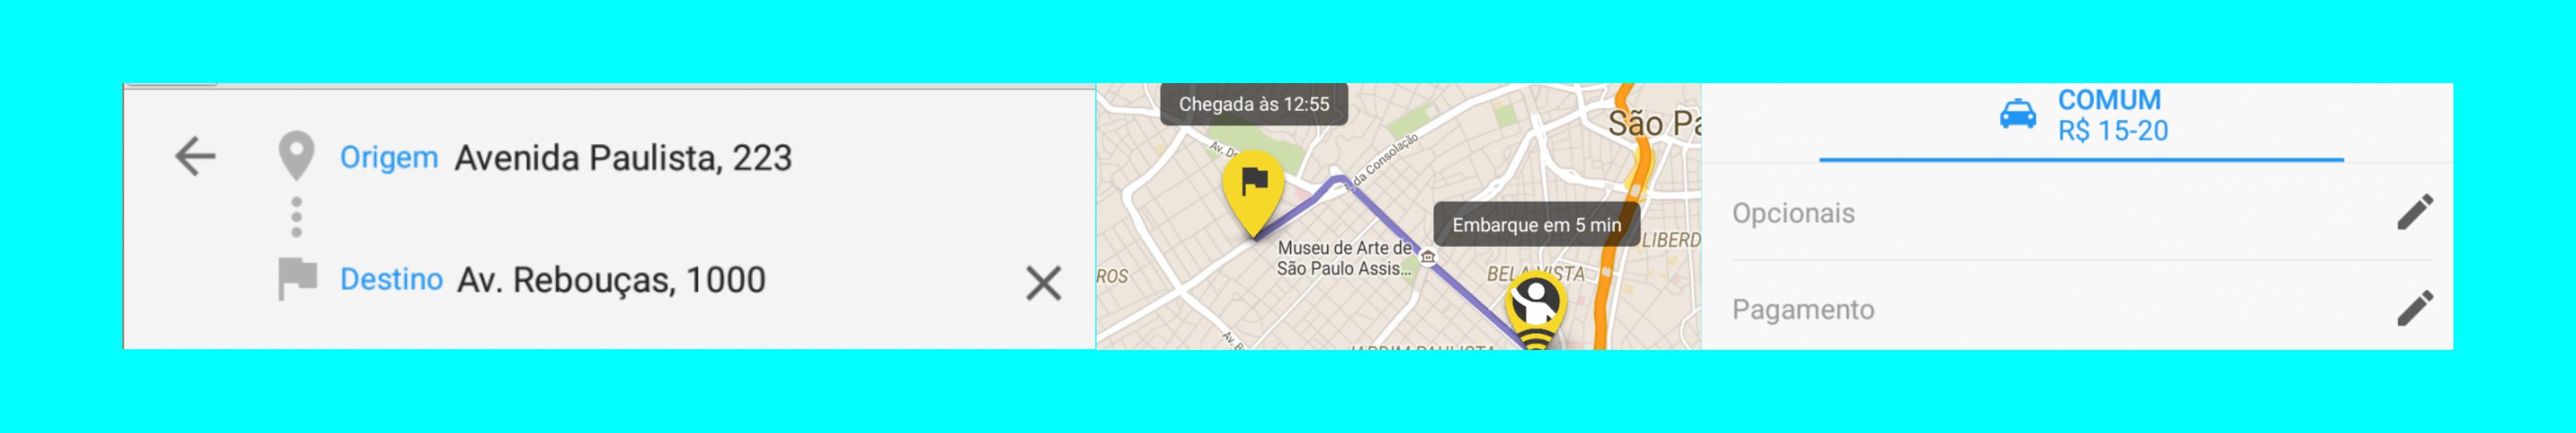 uber dados